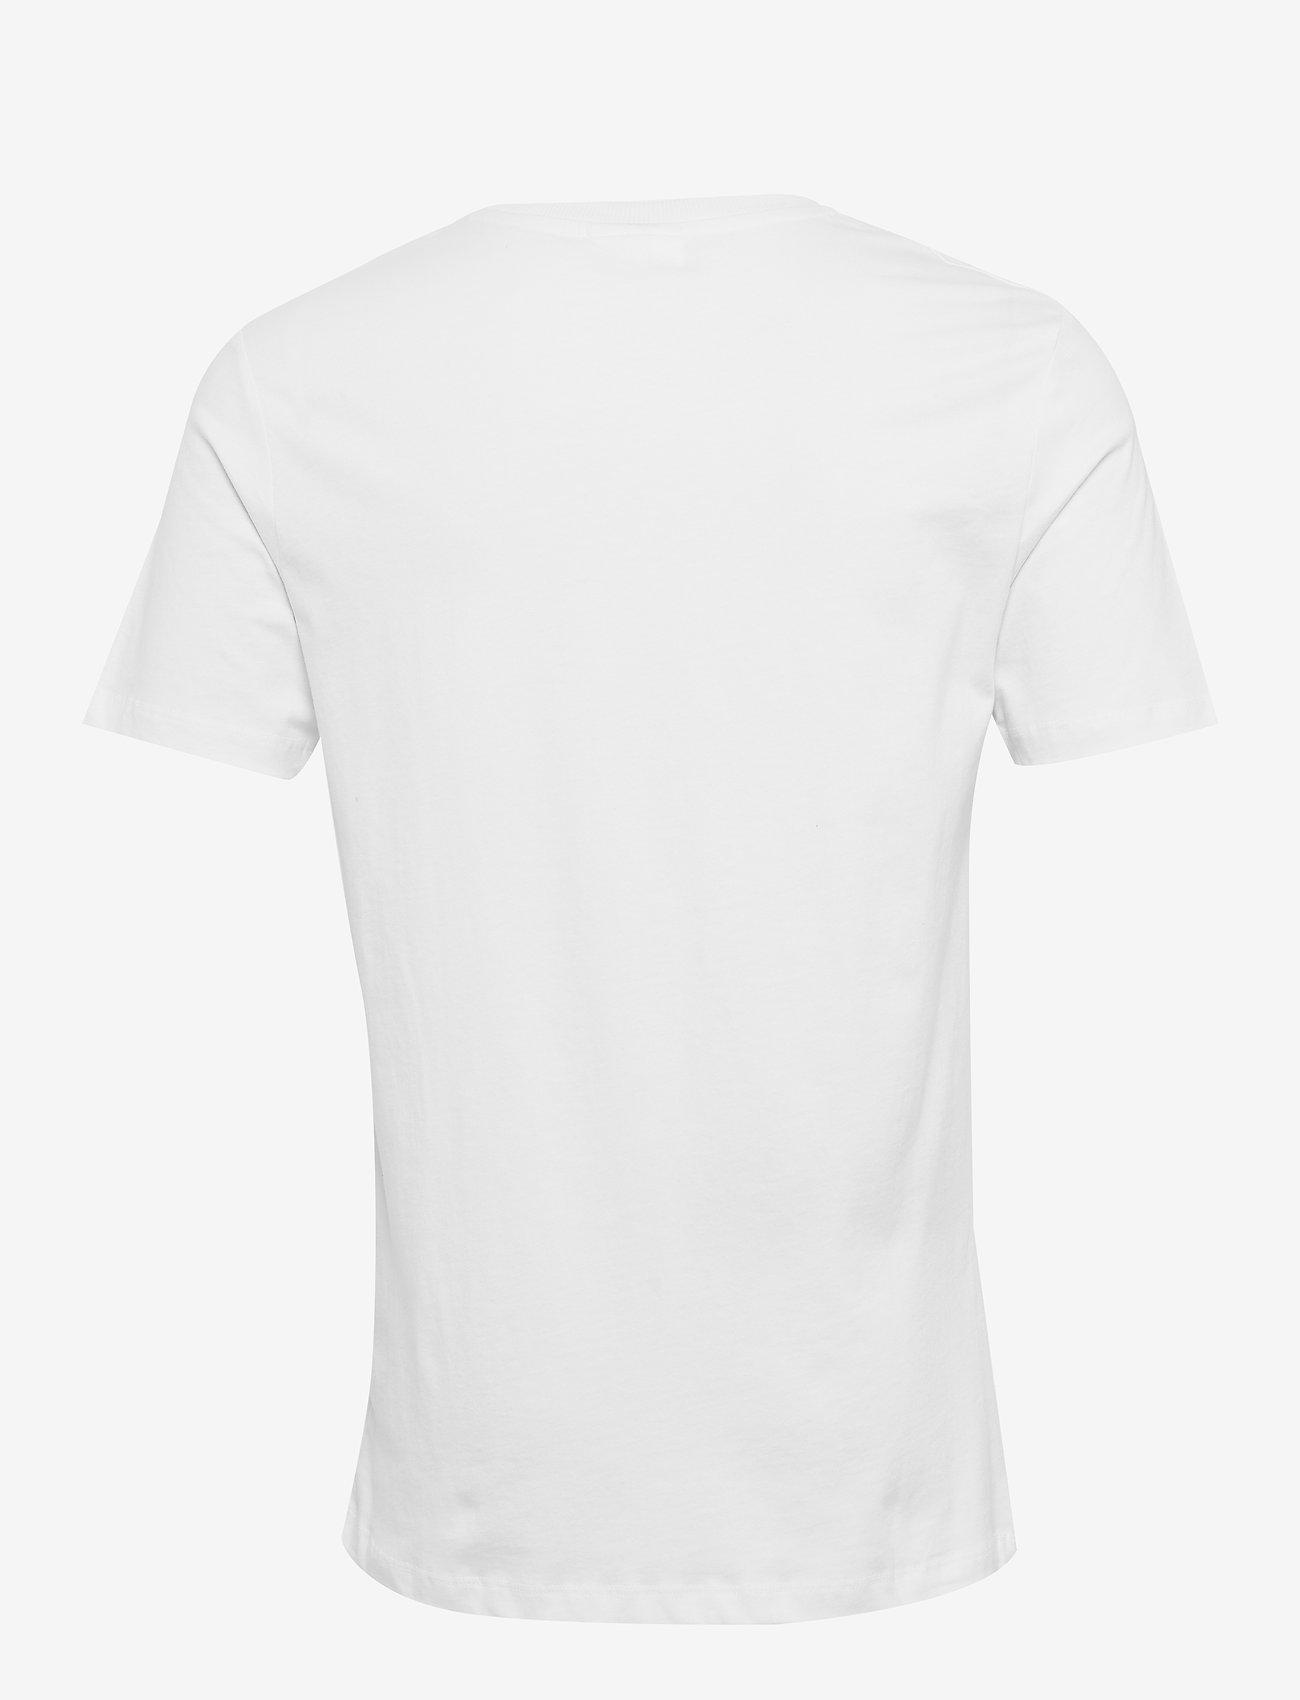 Soulland LOGIC DRUX T-SHIRT W.PRINT - T-skjorter WHITE - Menn Klær